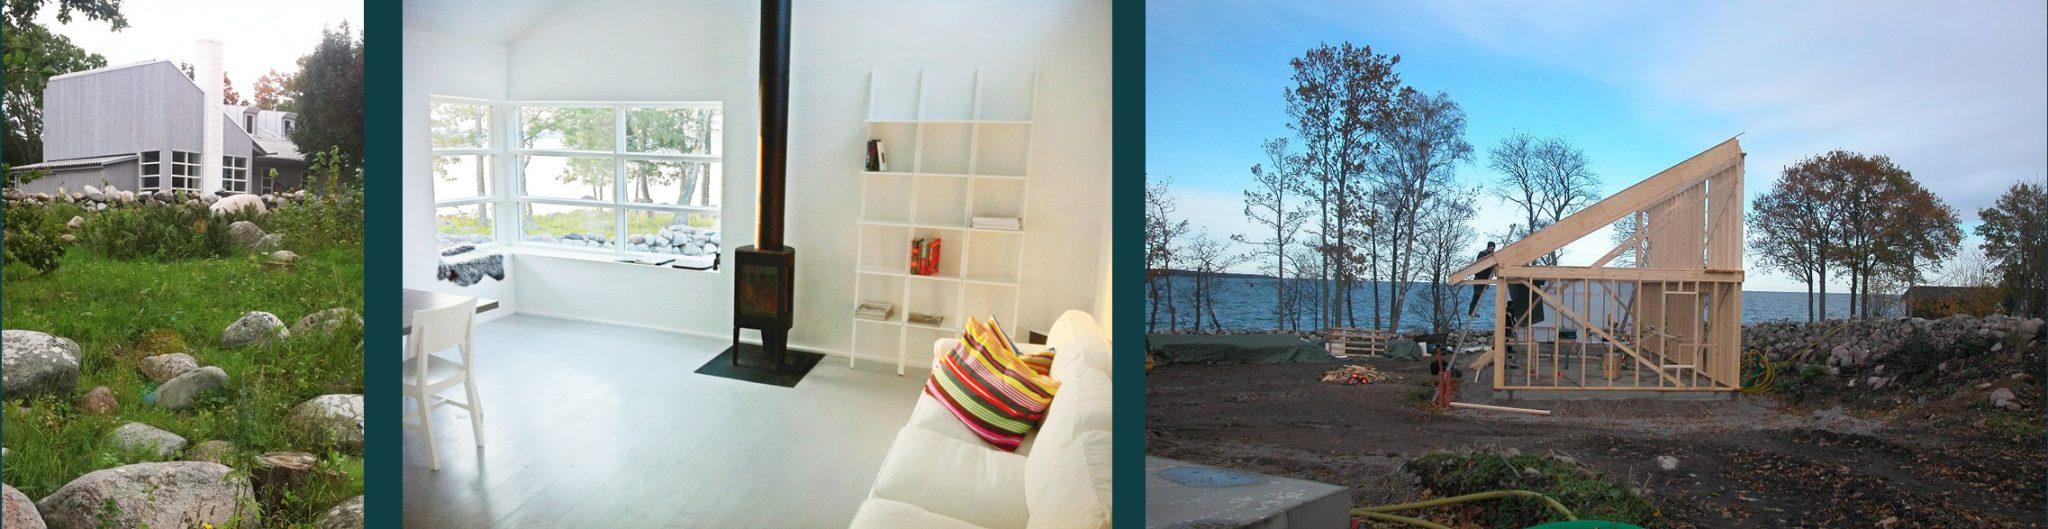 Exteriöra och interiör bild på sommarstället Villa Udde byggt i trä, ritat av Rex Arkitektbyrå